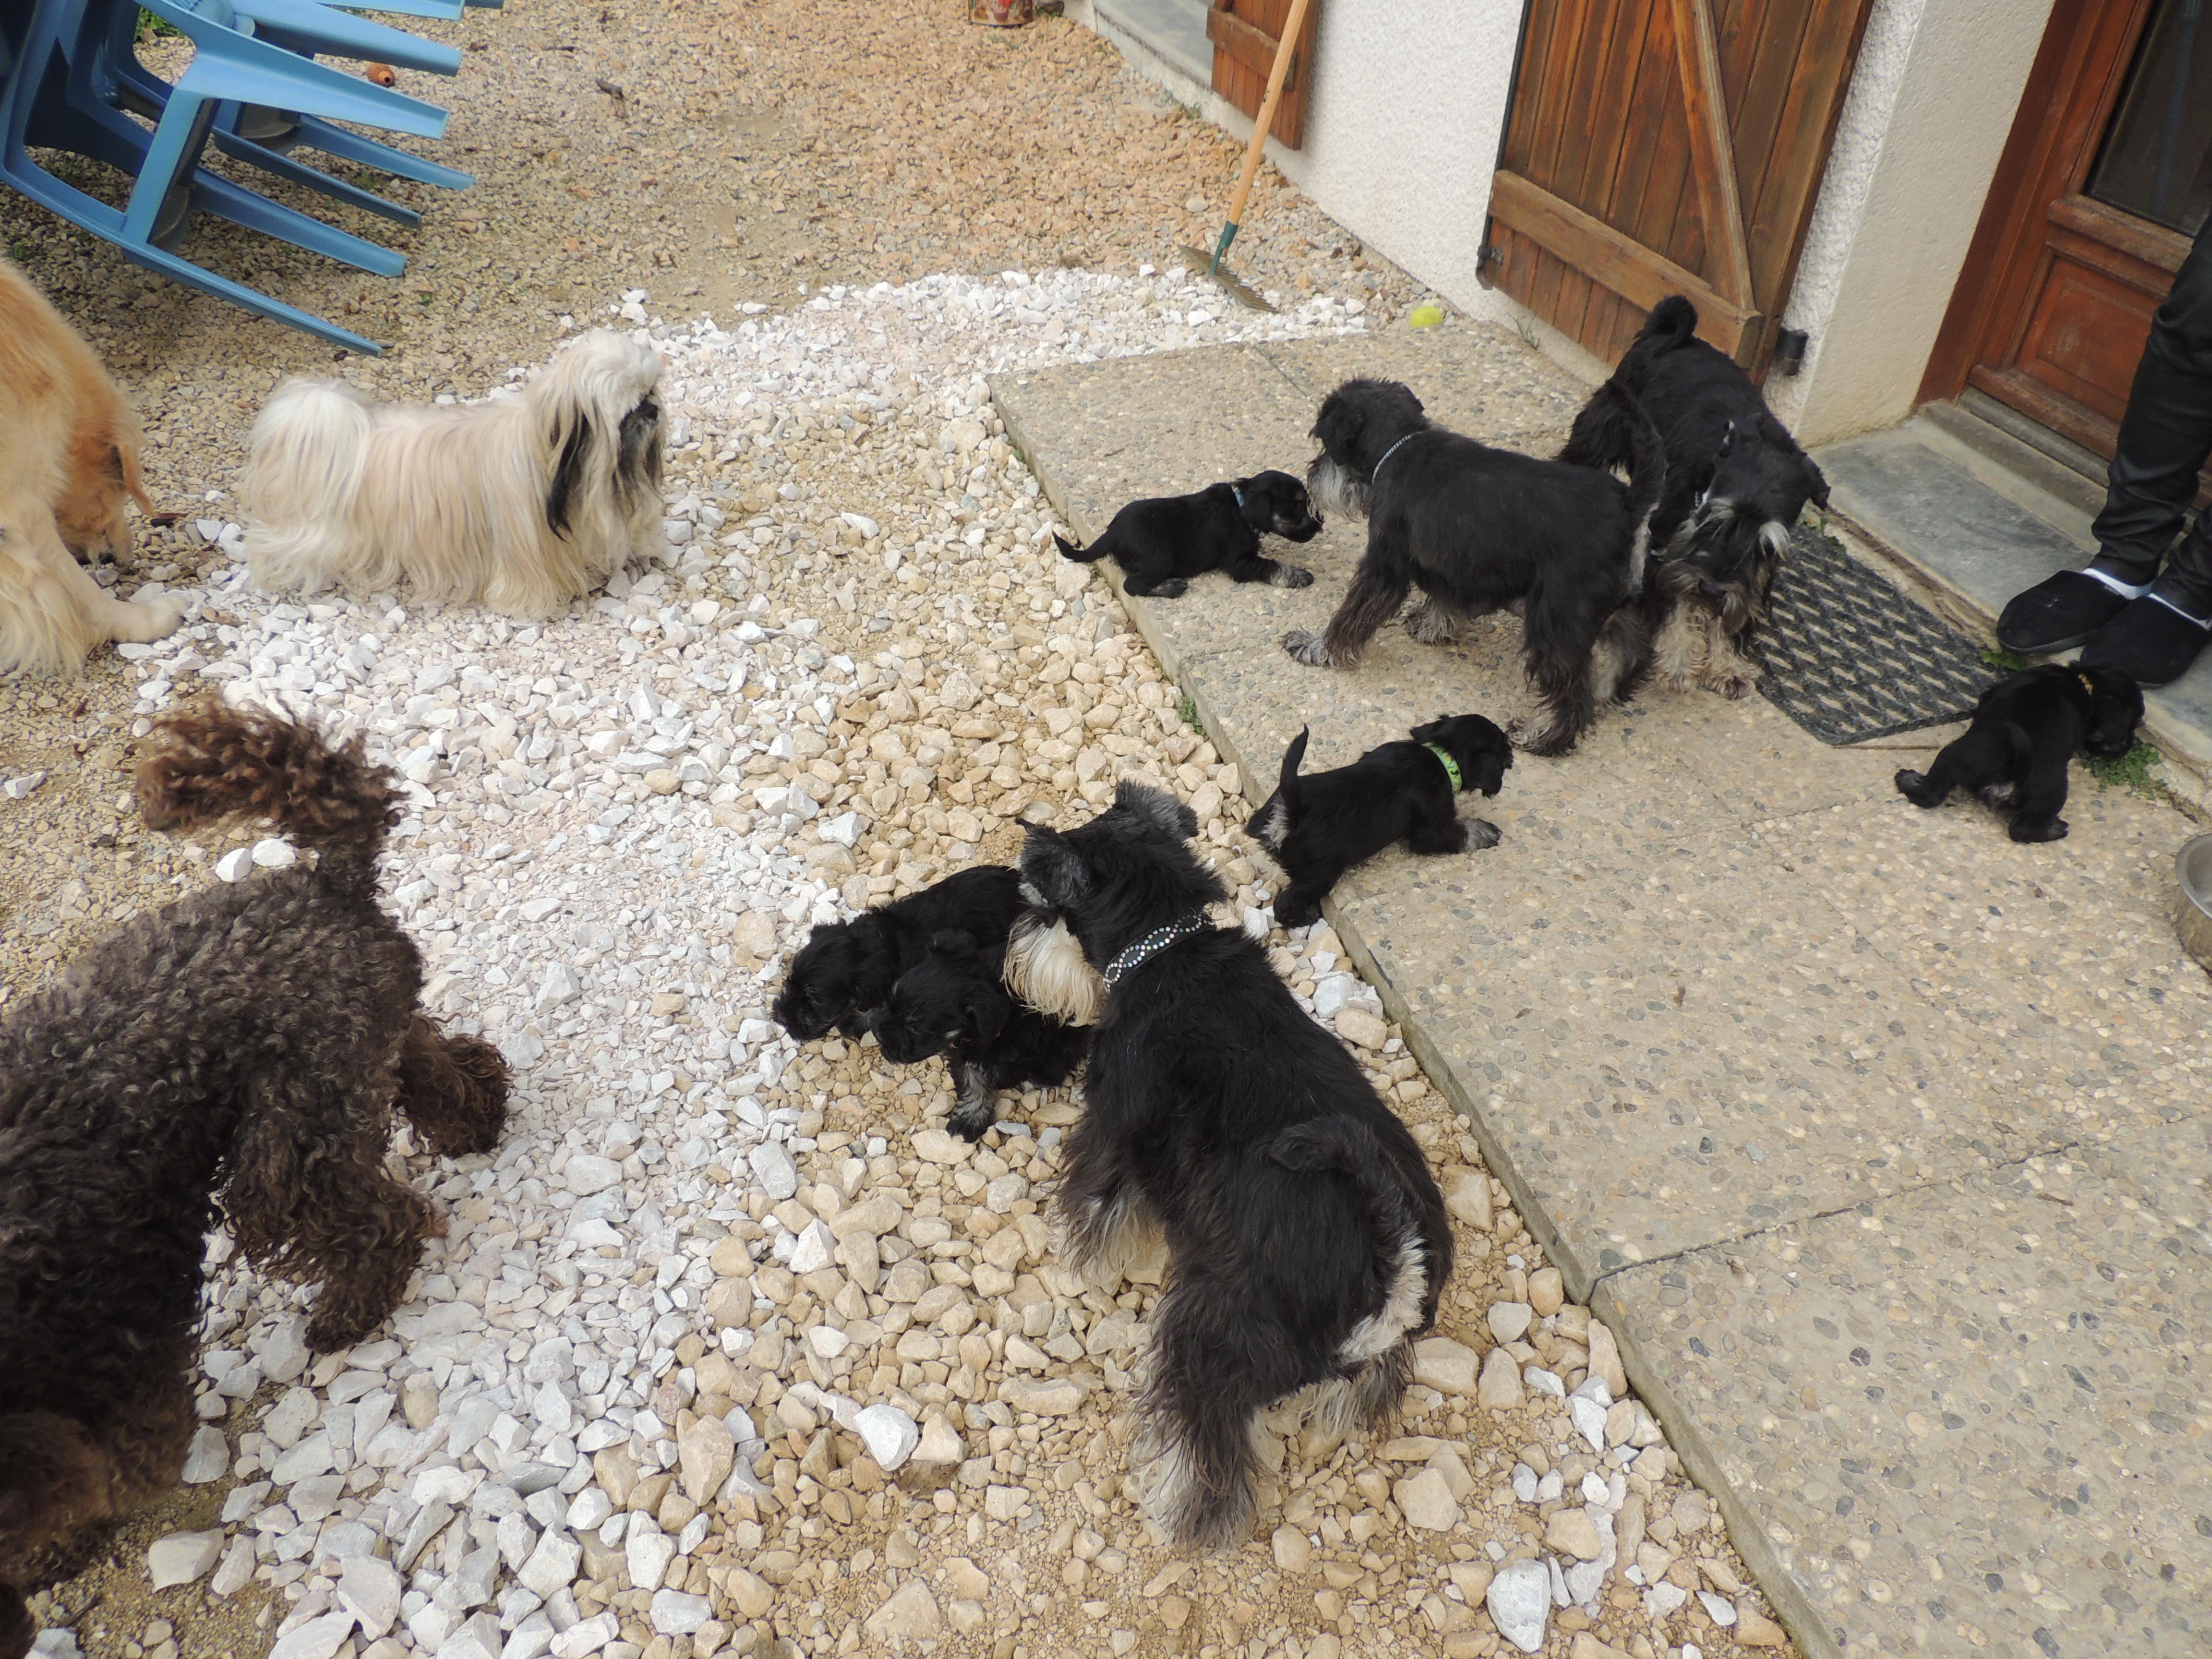 rencontre avec d'autres chiens